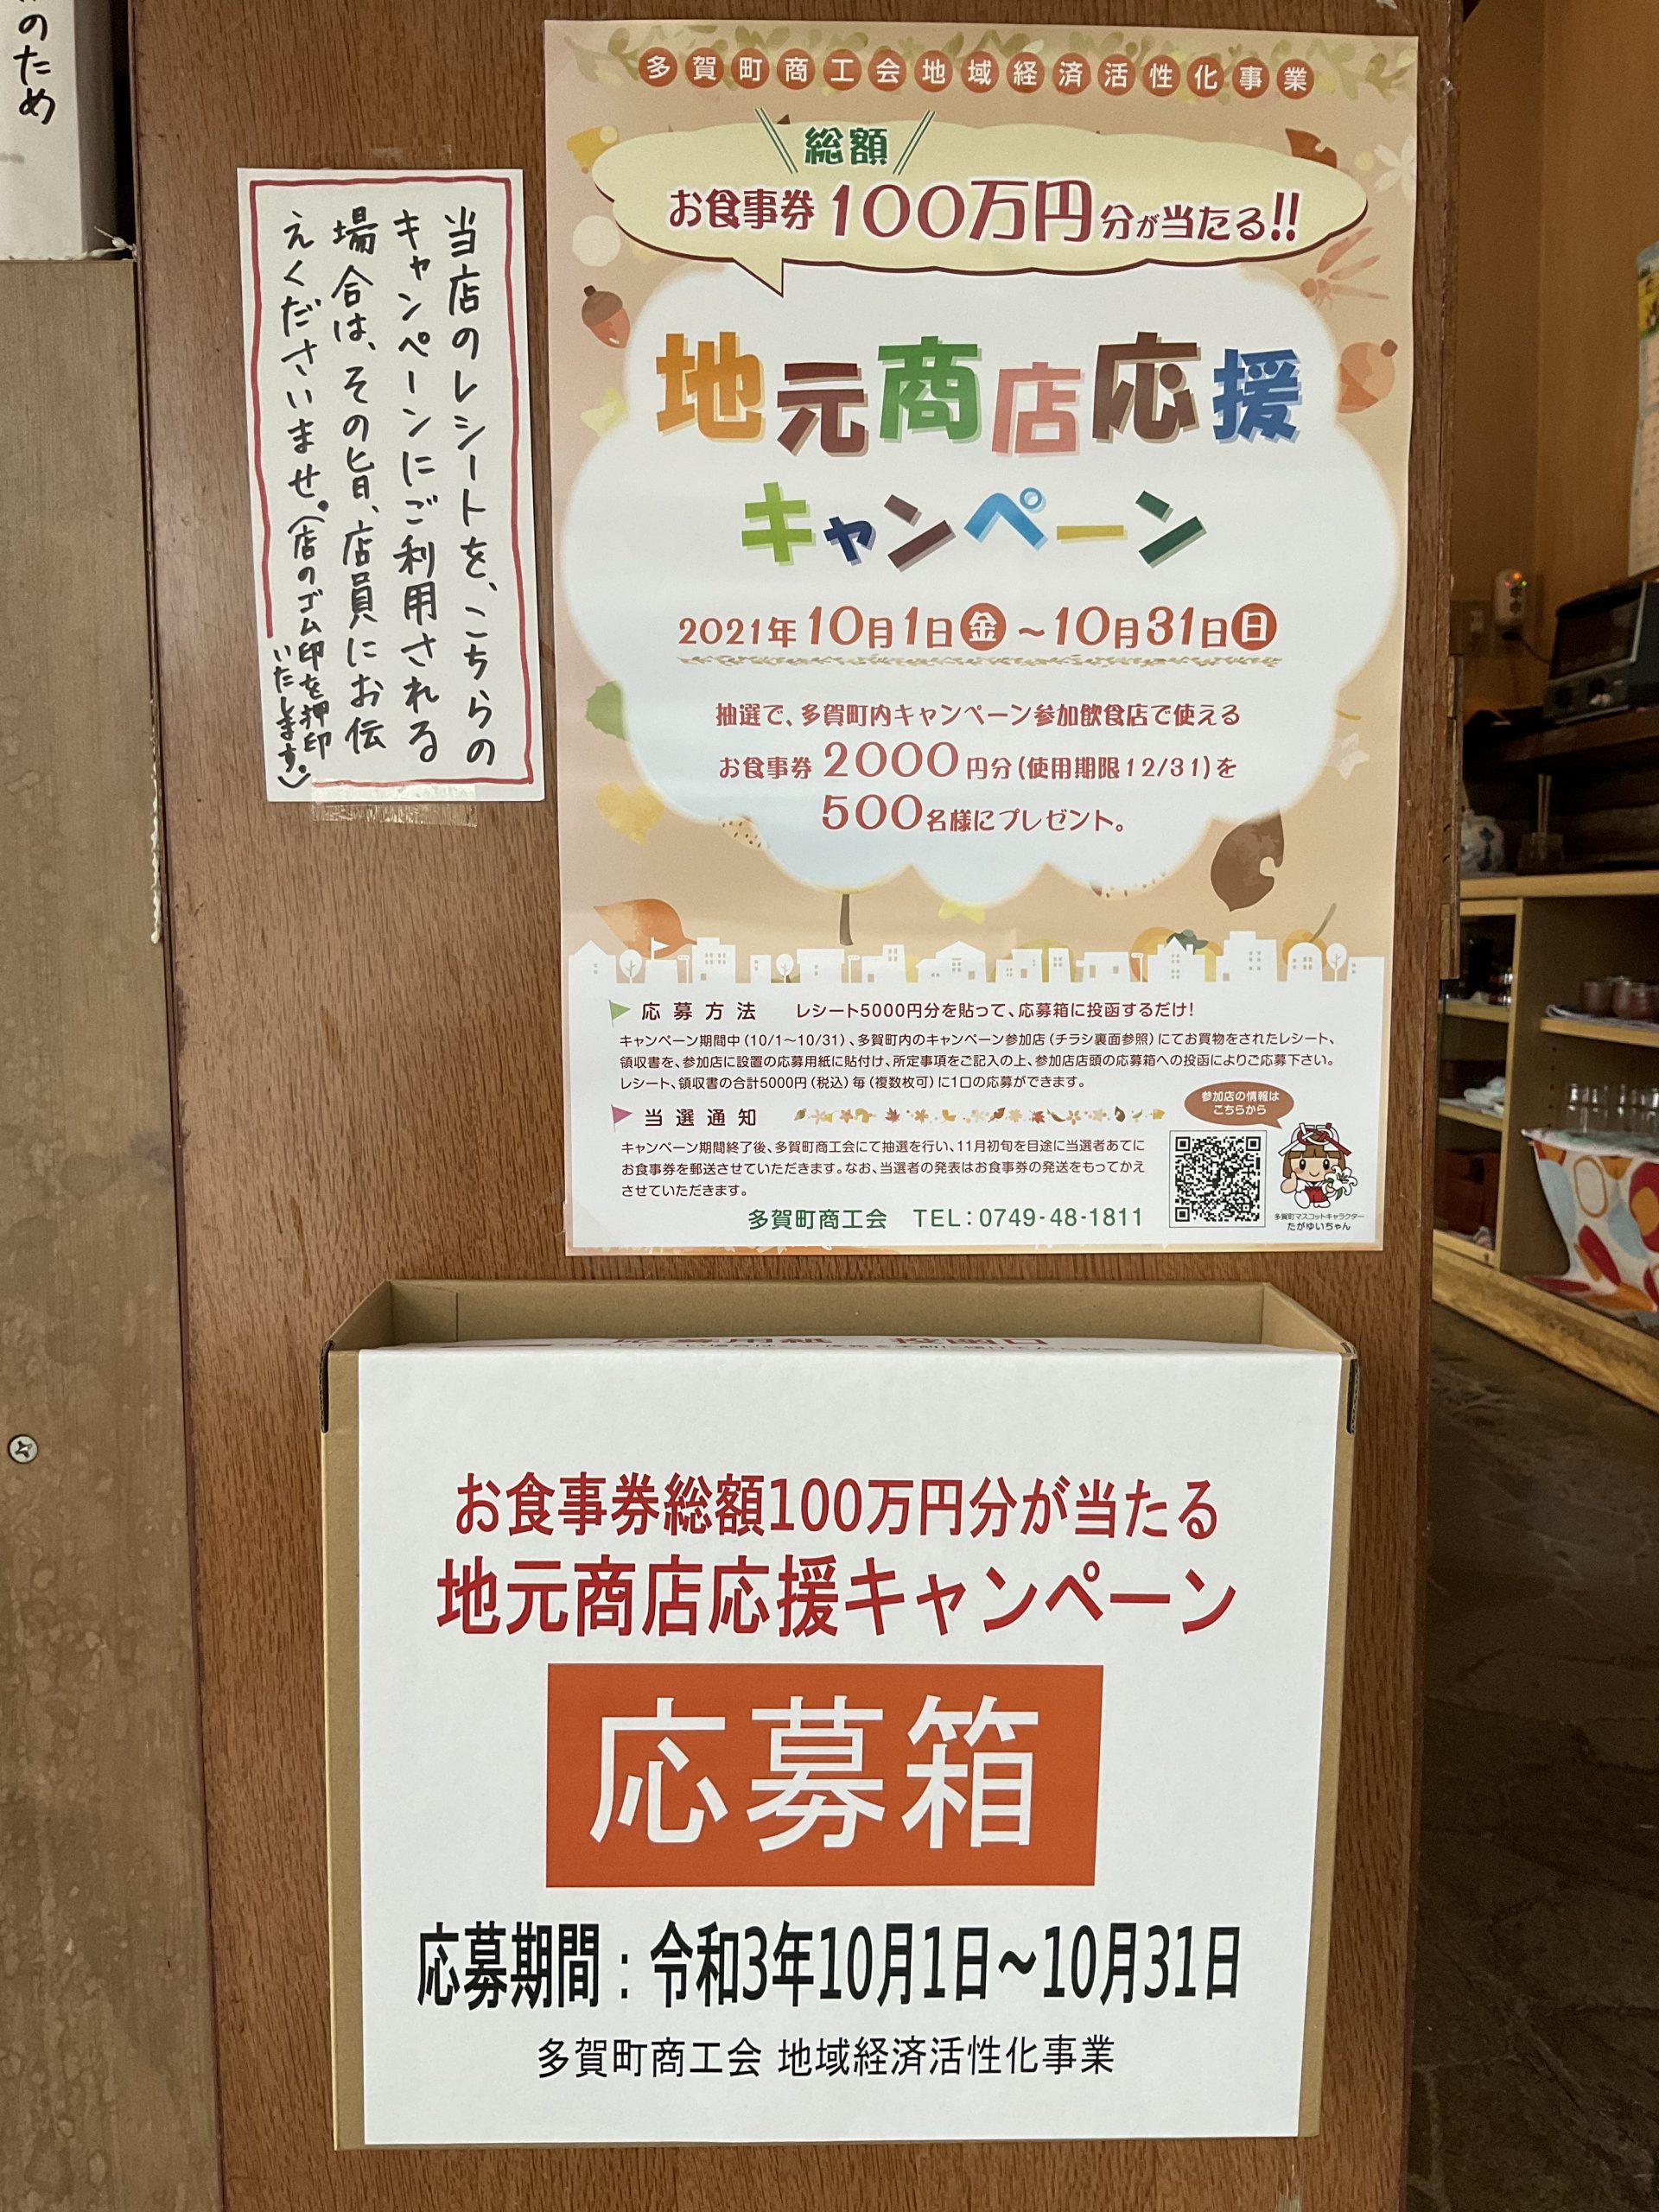 地元商店応援キャンペーンポスター